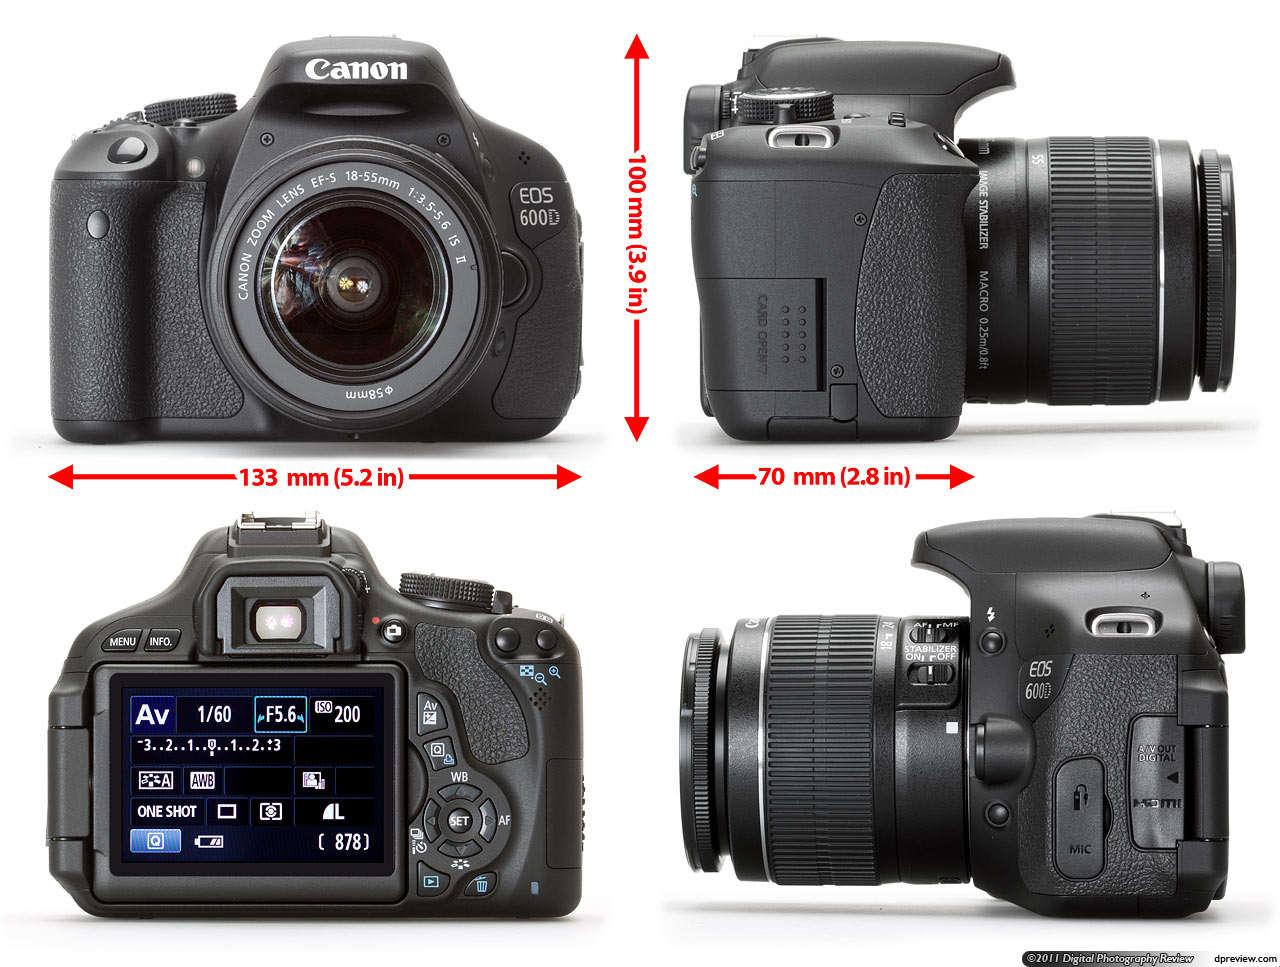 canon 600d | canon 600d